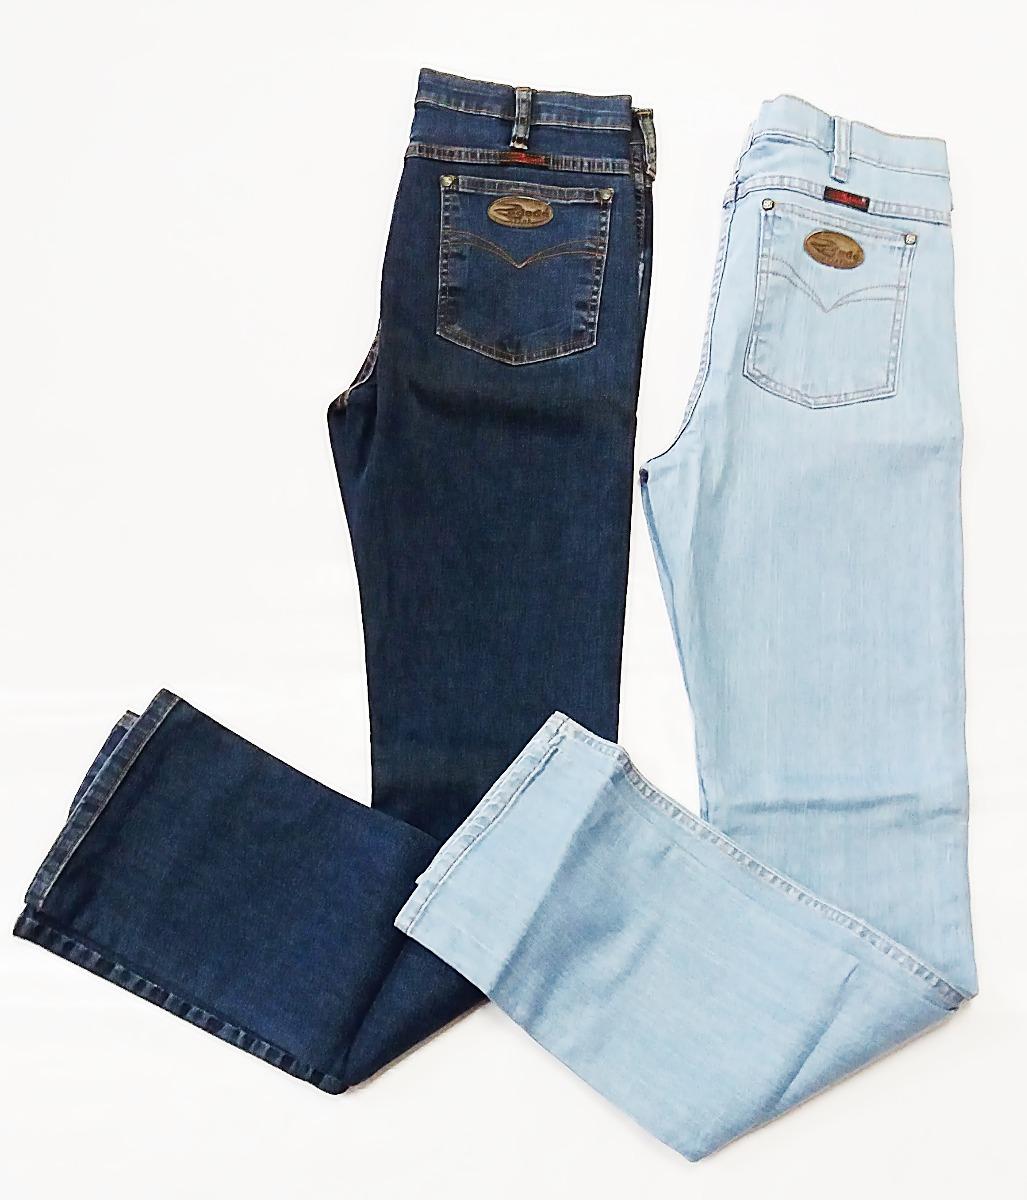 97cb04a679b73 Kit Com 2 Calças Masculinas Radade Jeans Country Casual - R  299